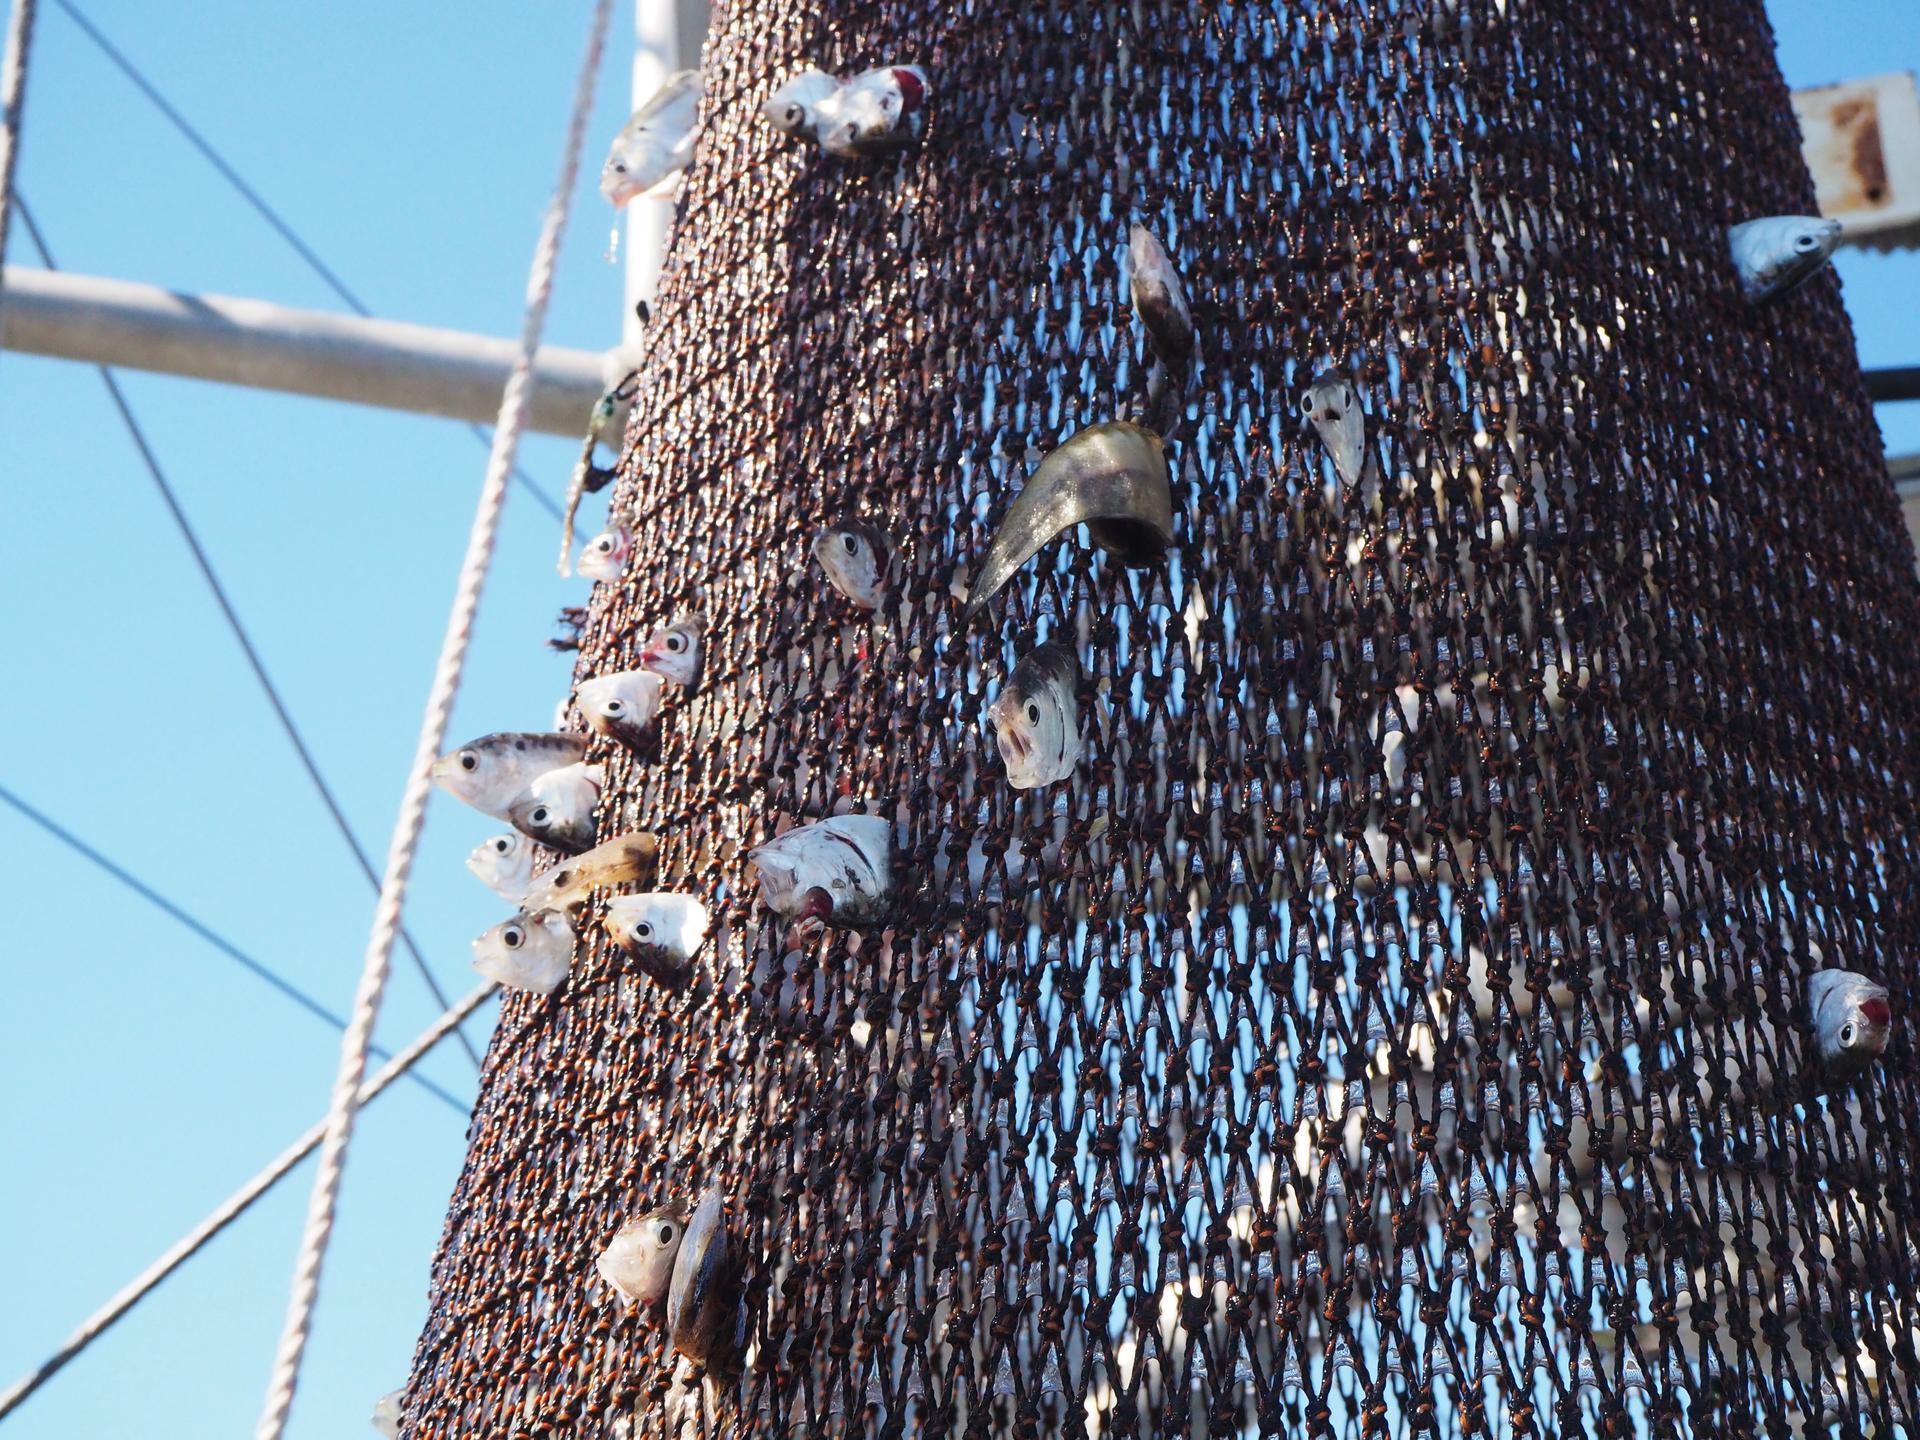 Fish Through Netting (2019)